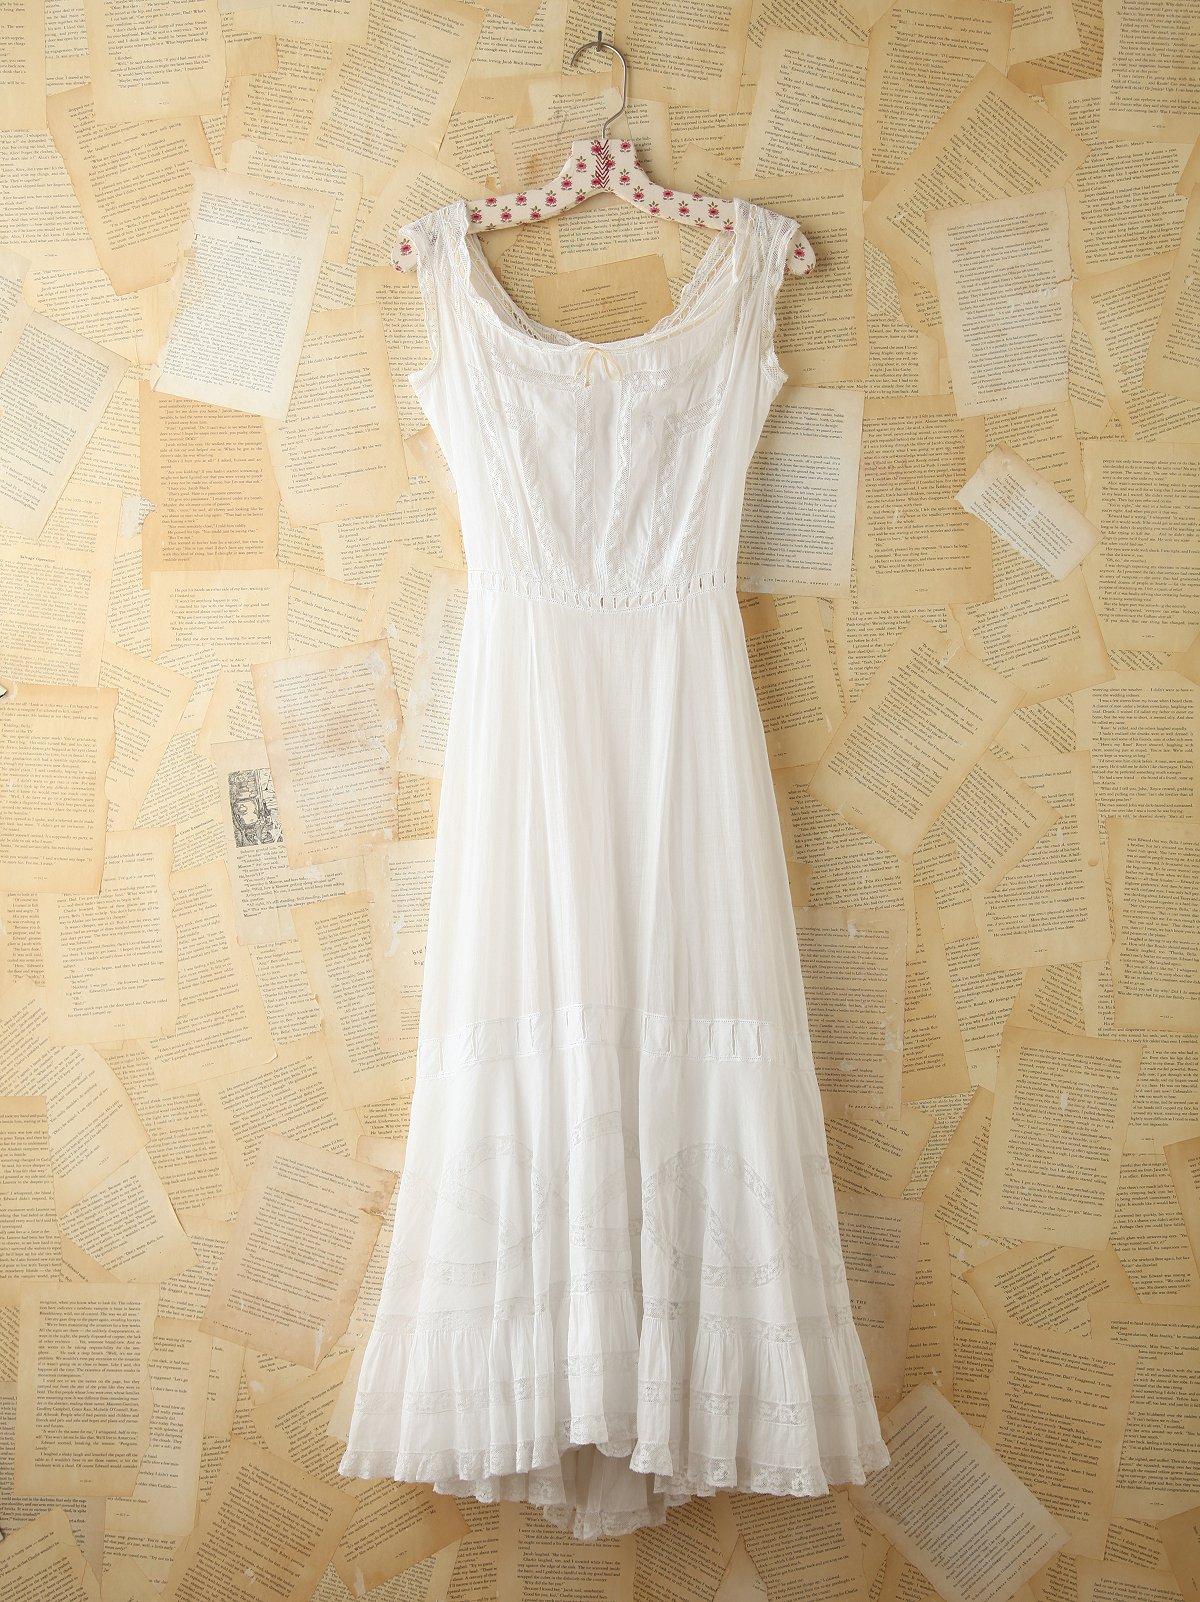 Vintage Cotton Maxi Dress